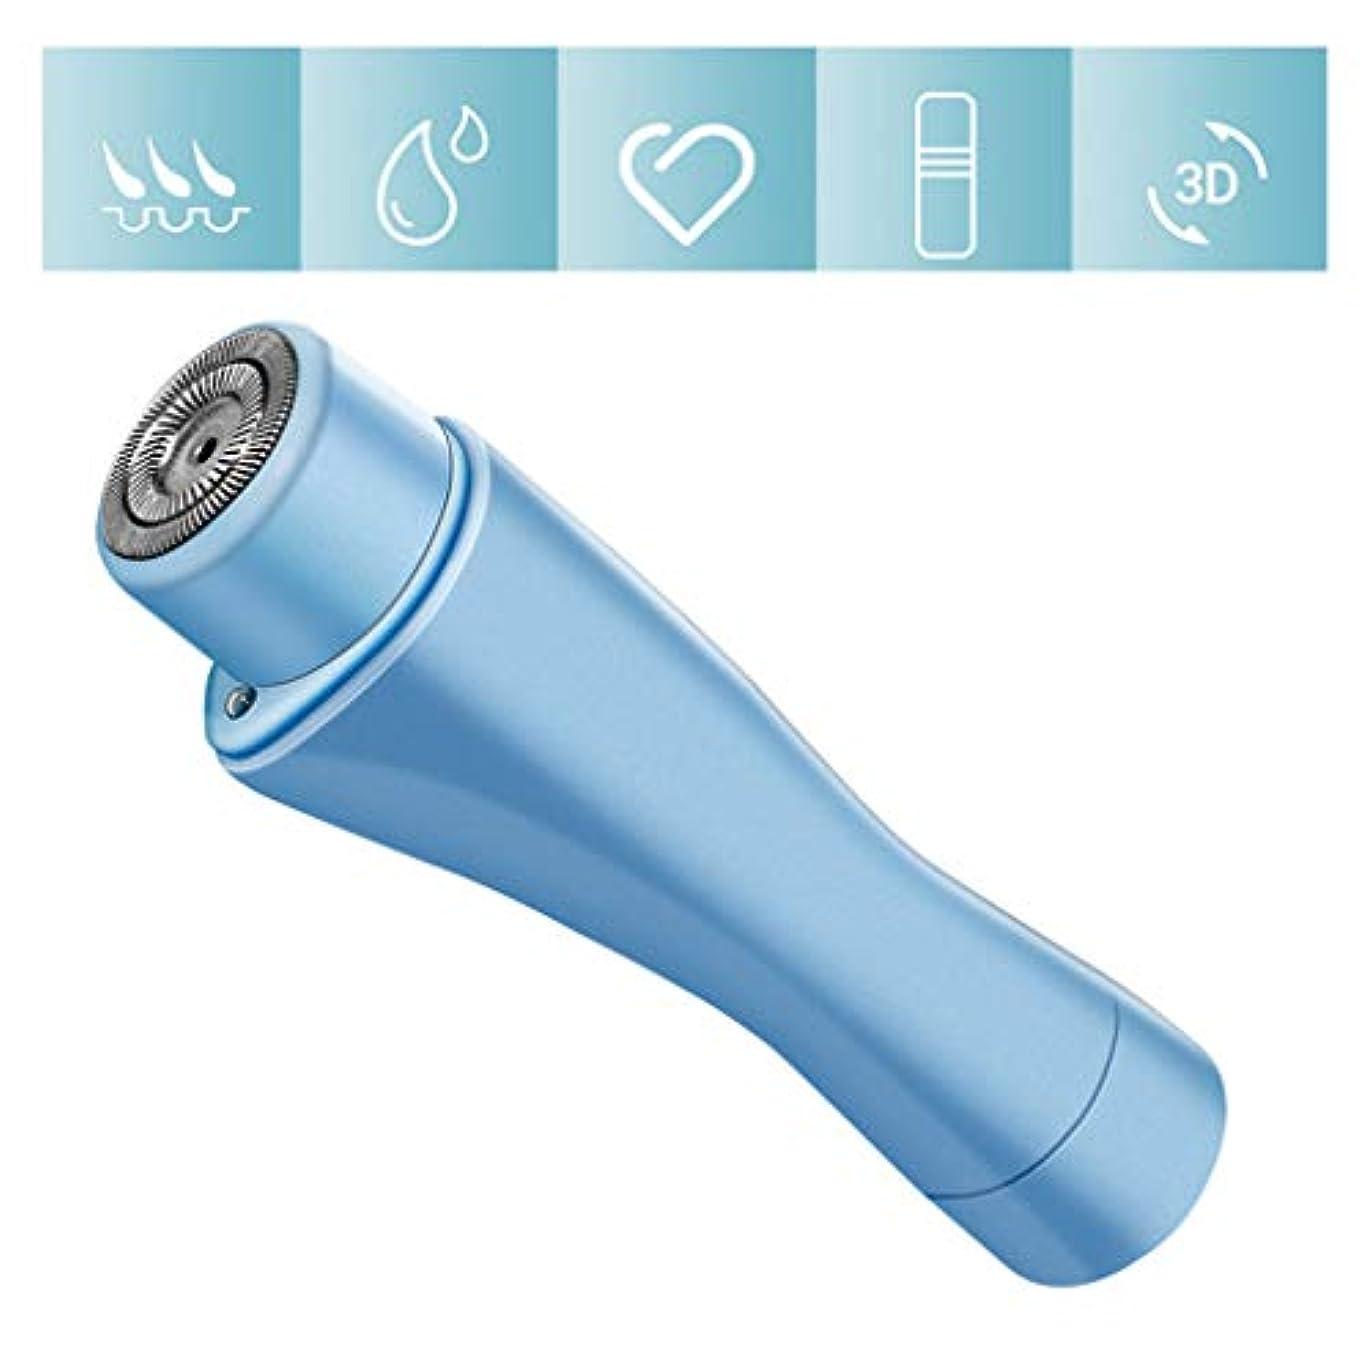 ホップ数値約設定かみそり電気かみそりに適していますミニ洗える女性だけが脱毛髪、脚、脇の下、私用部品などを持っています。,Blue